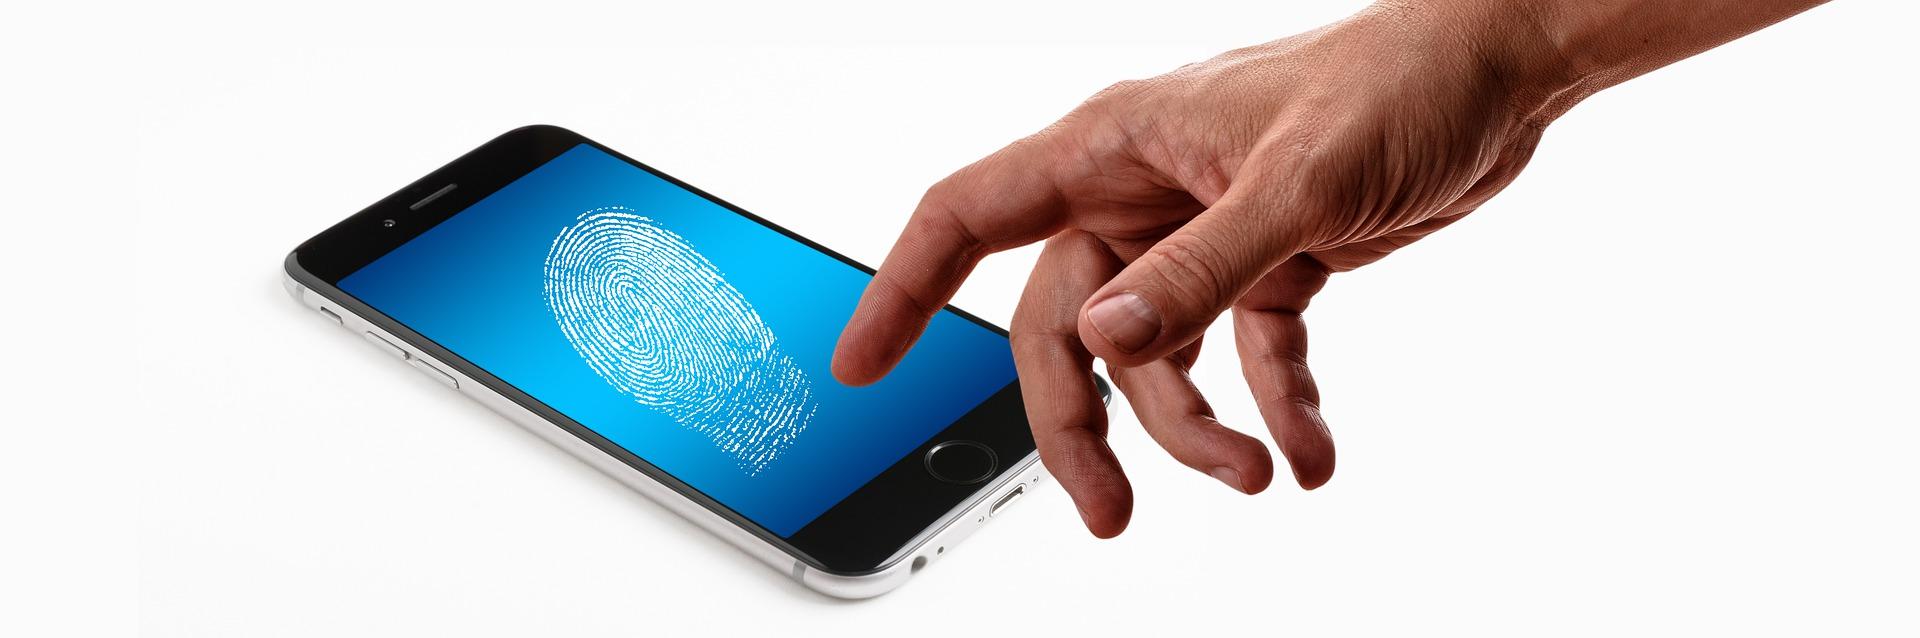 Senado aprueba, en lo general, crear Padrón Nacional de Usuarios de Telefonía Móvil